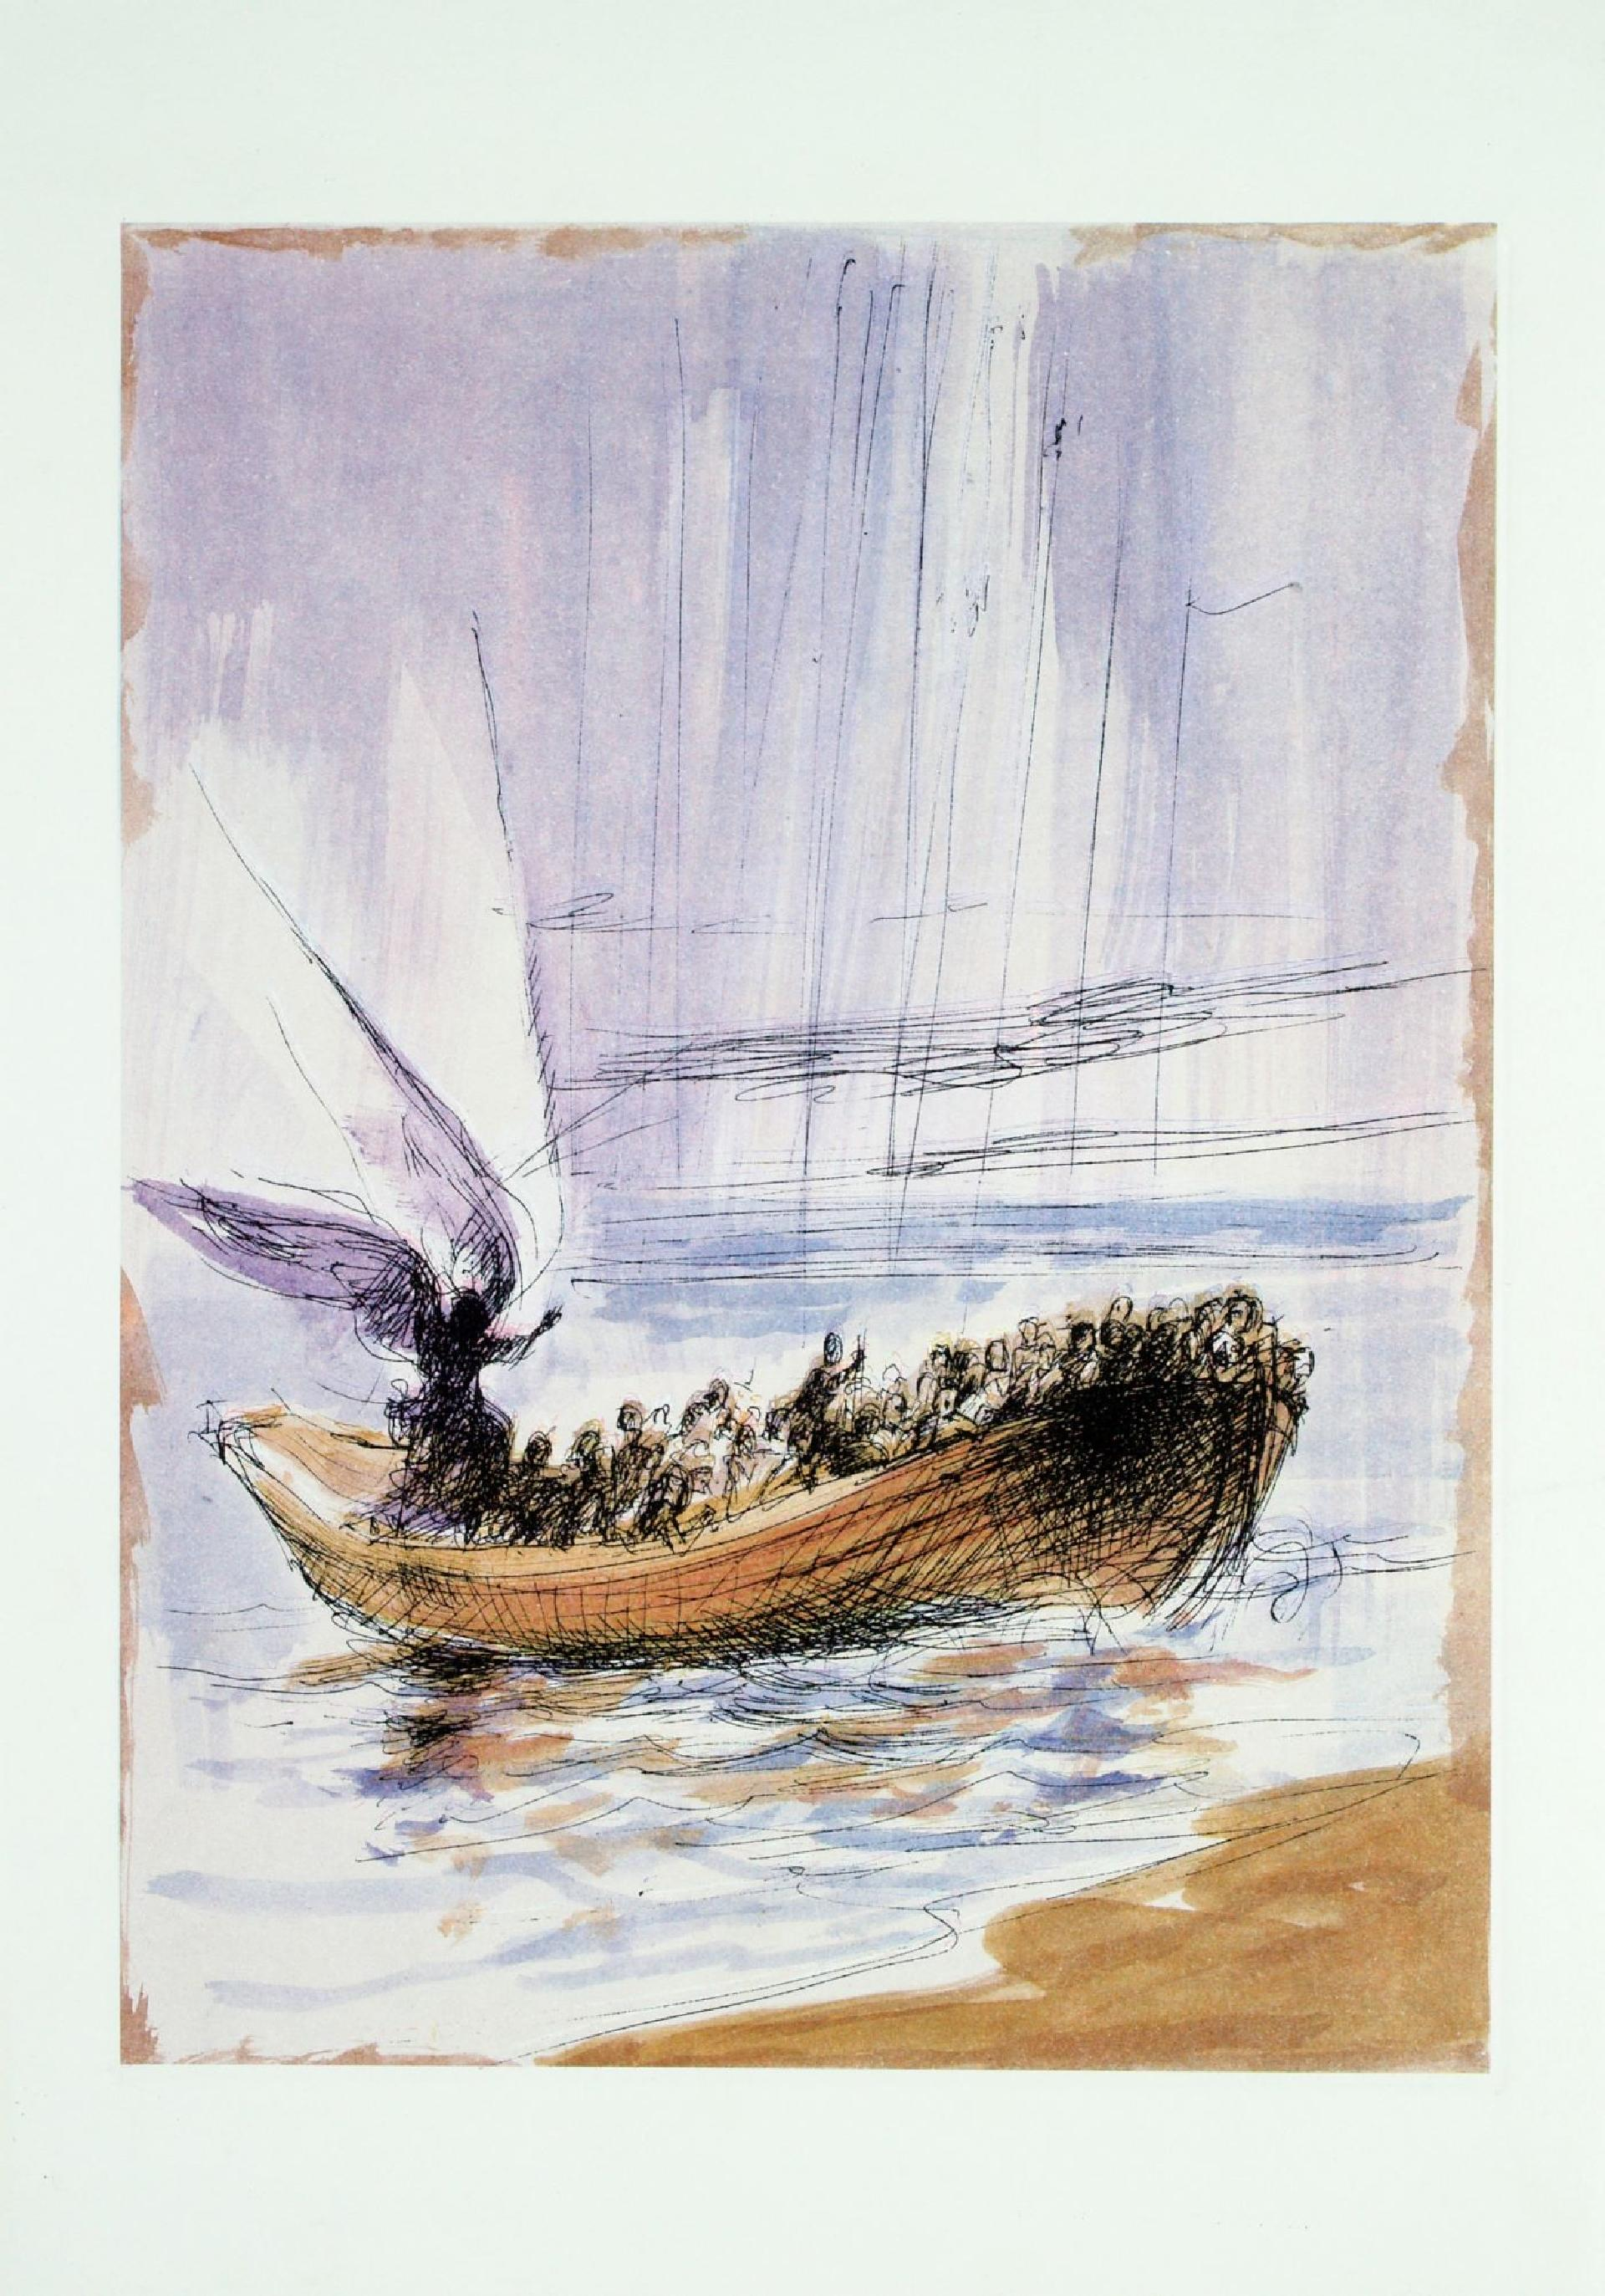 Alberto Sughi, La barca dei salvati